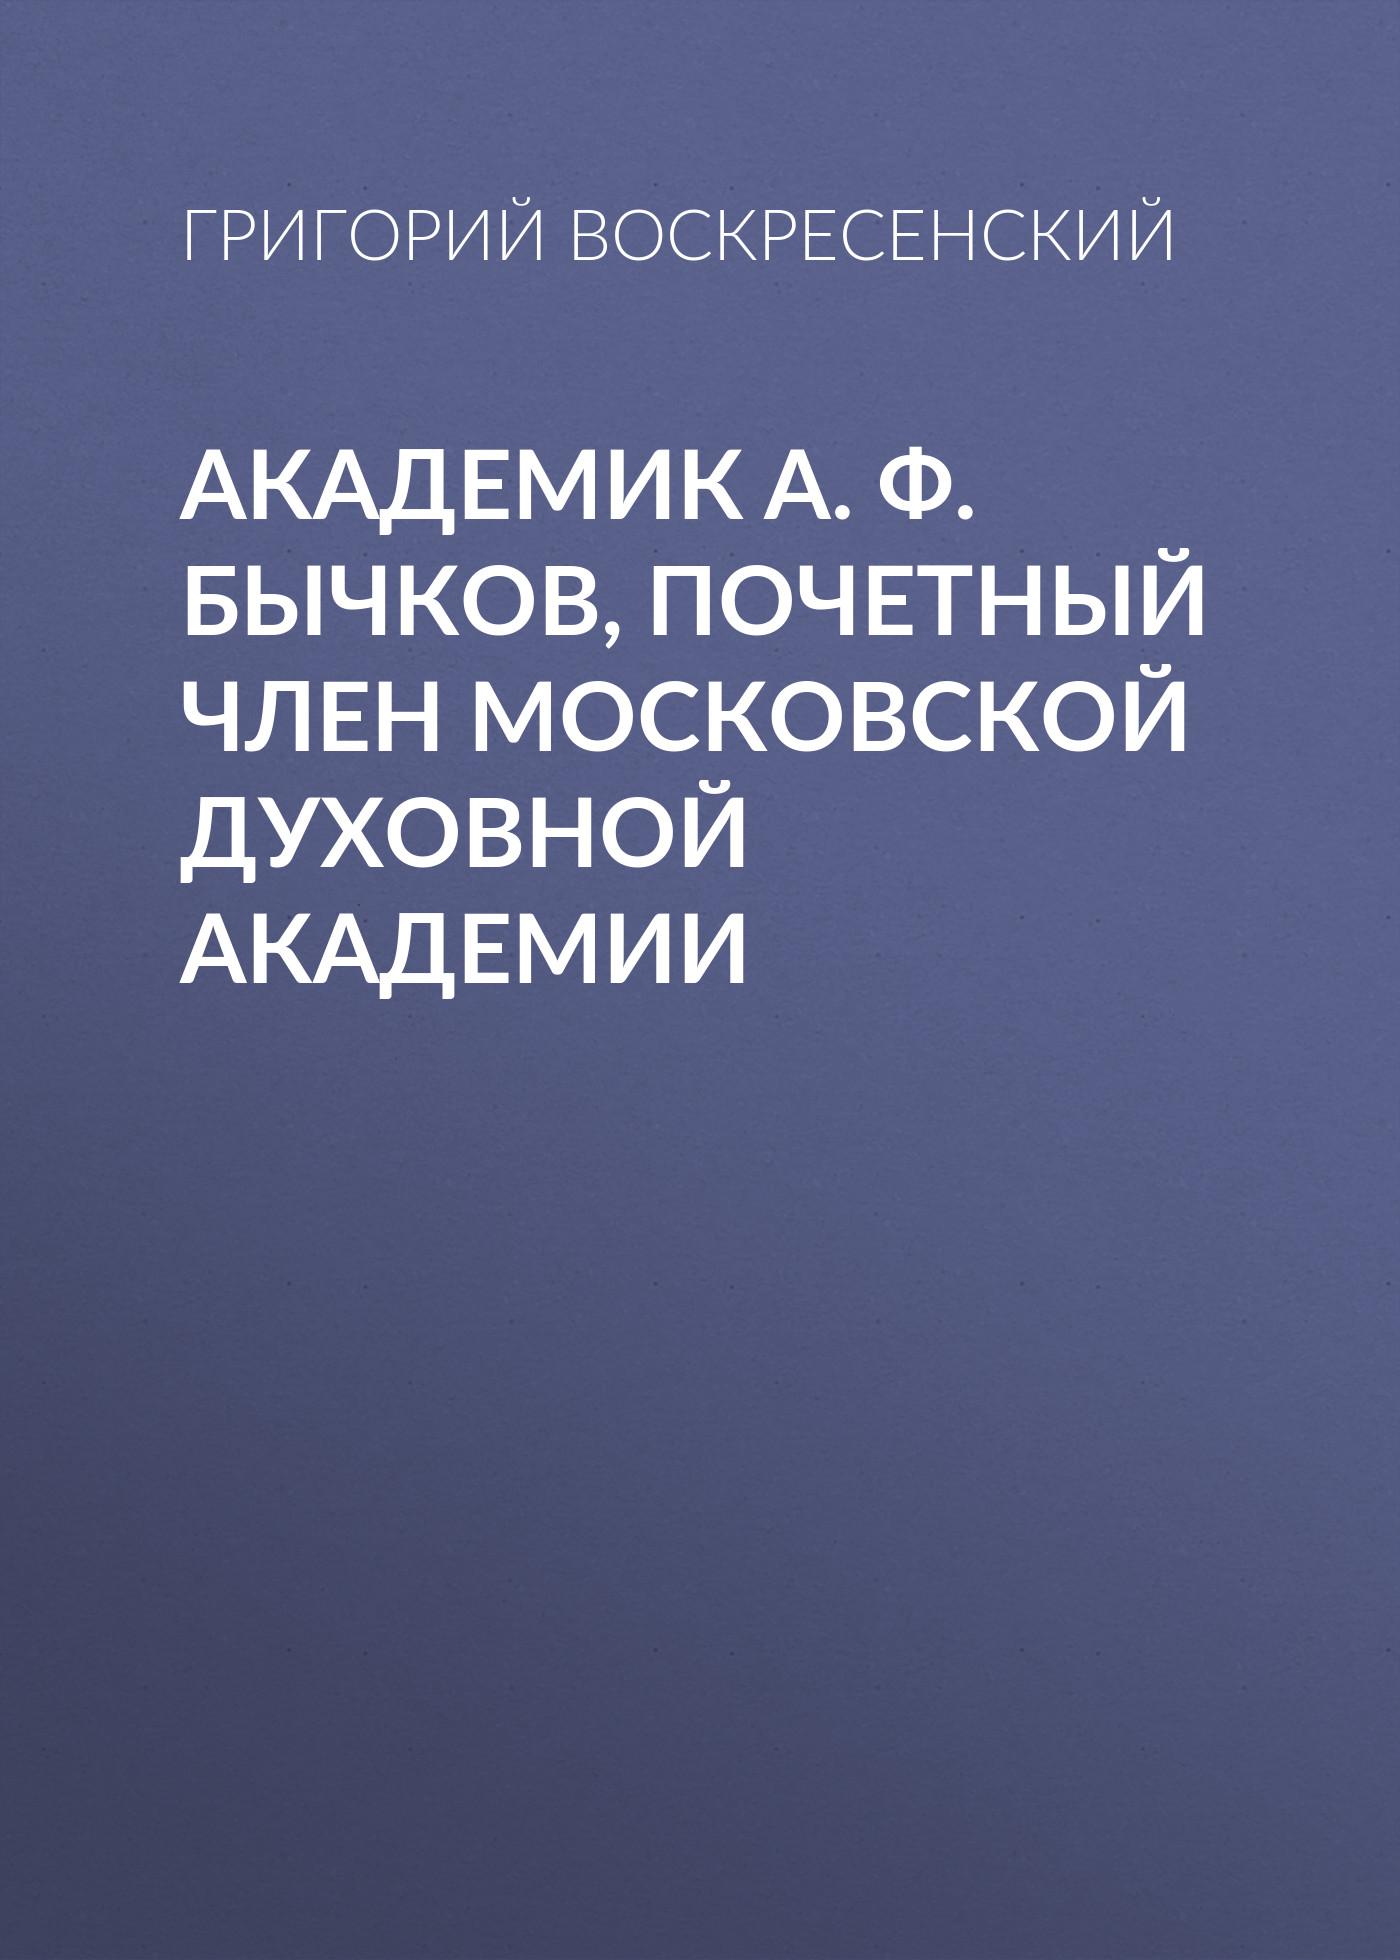 Григорий Воскресенский Академик A. Ф. Бычков, почетный член Московской Духовной Академии